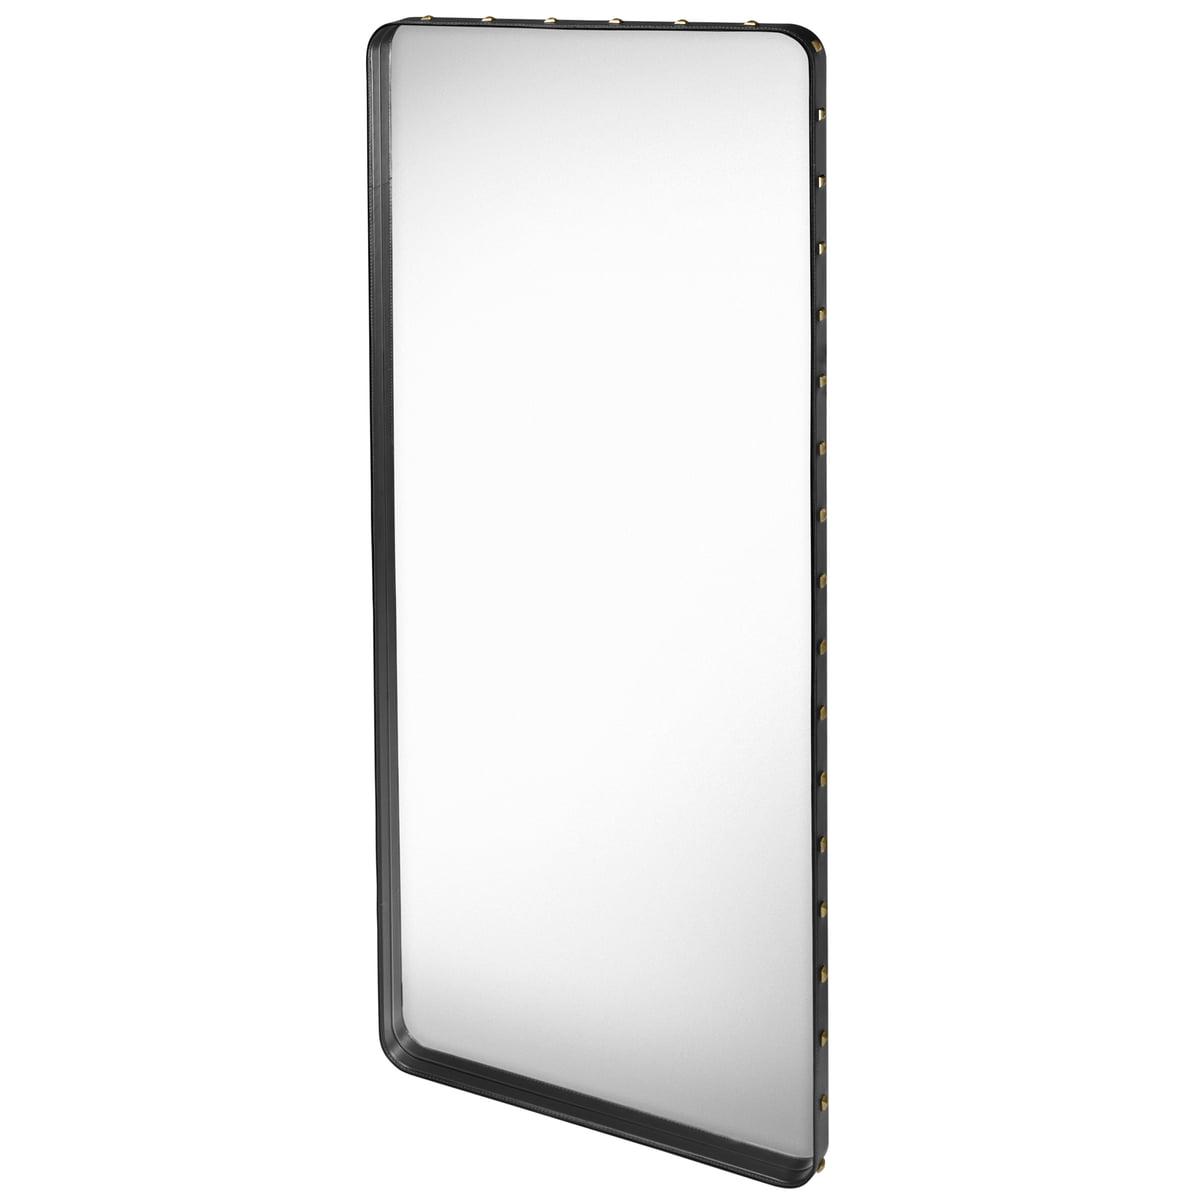 Achetez le miroir adnet rectangle par gubi for Miroir 70 cm